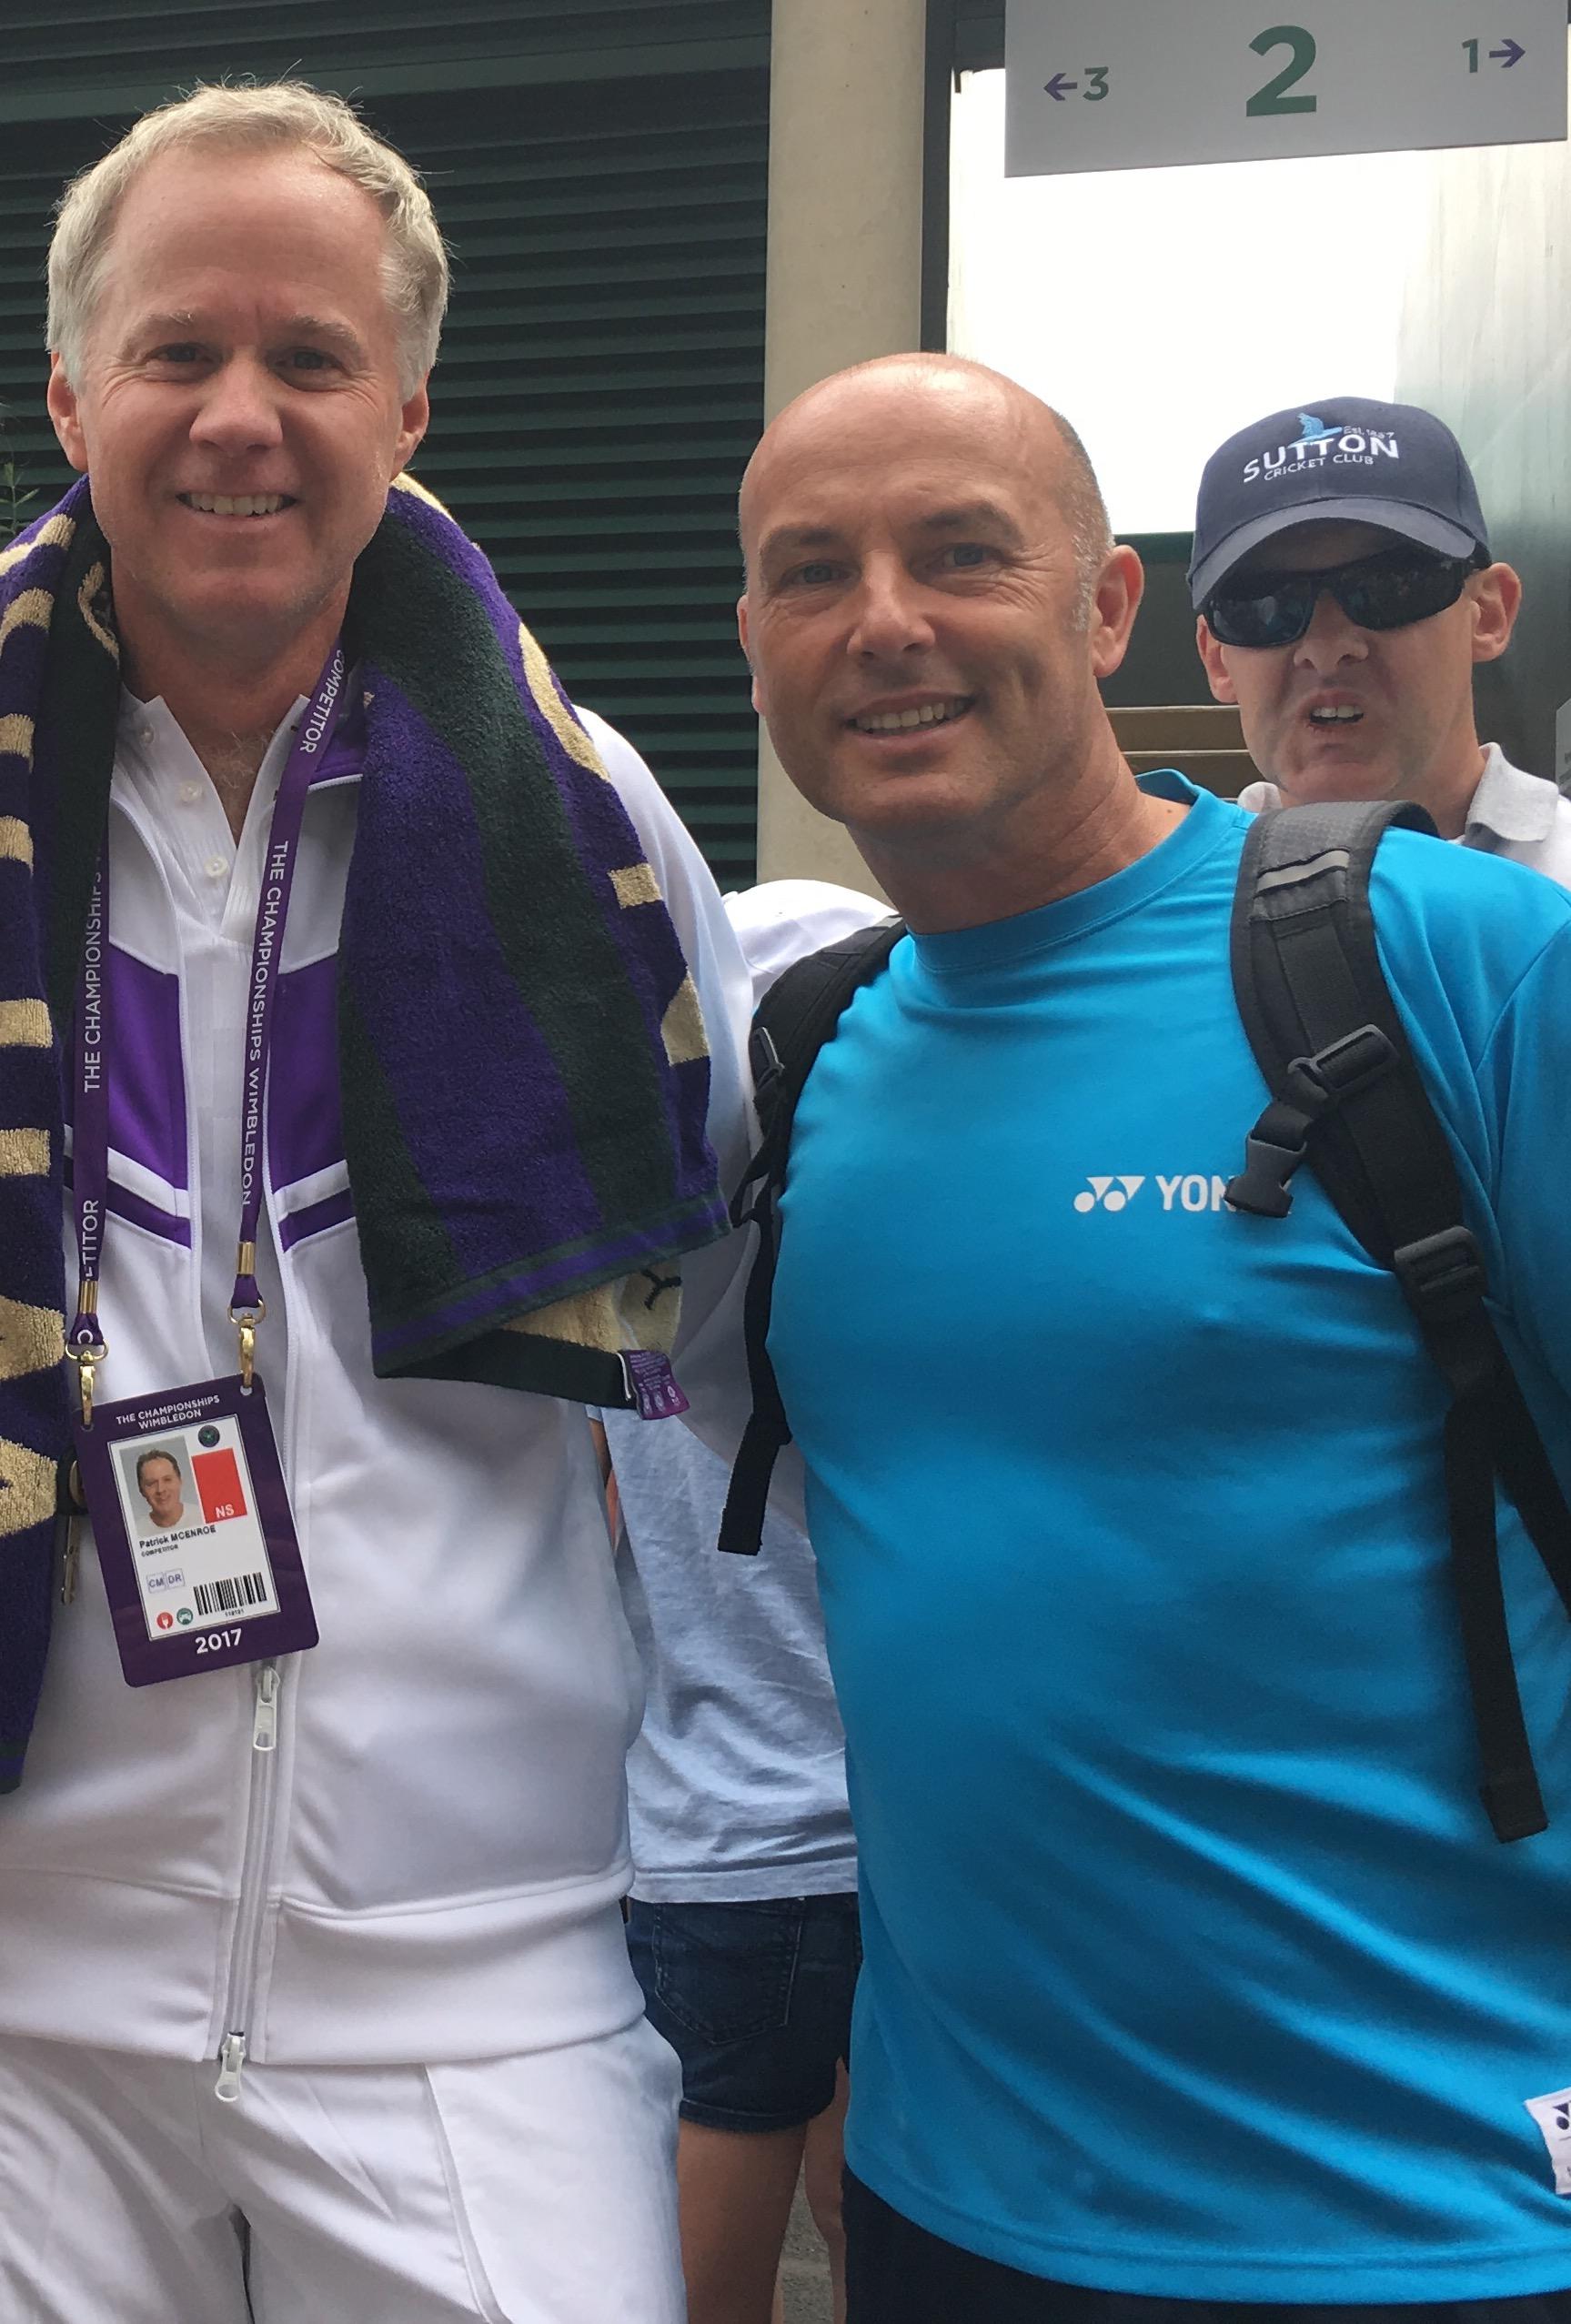 Patrick McEnroe